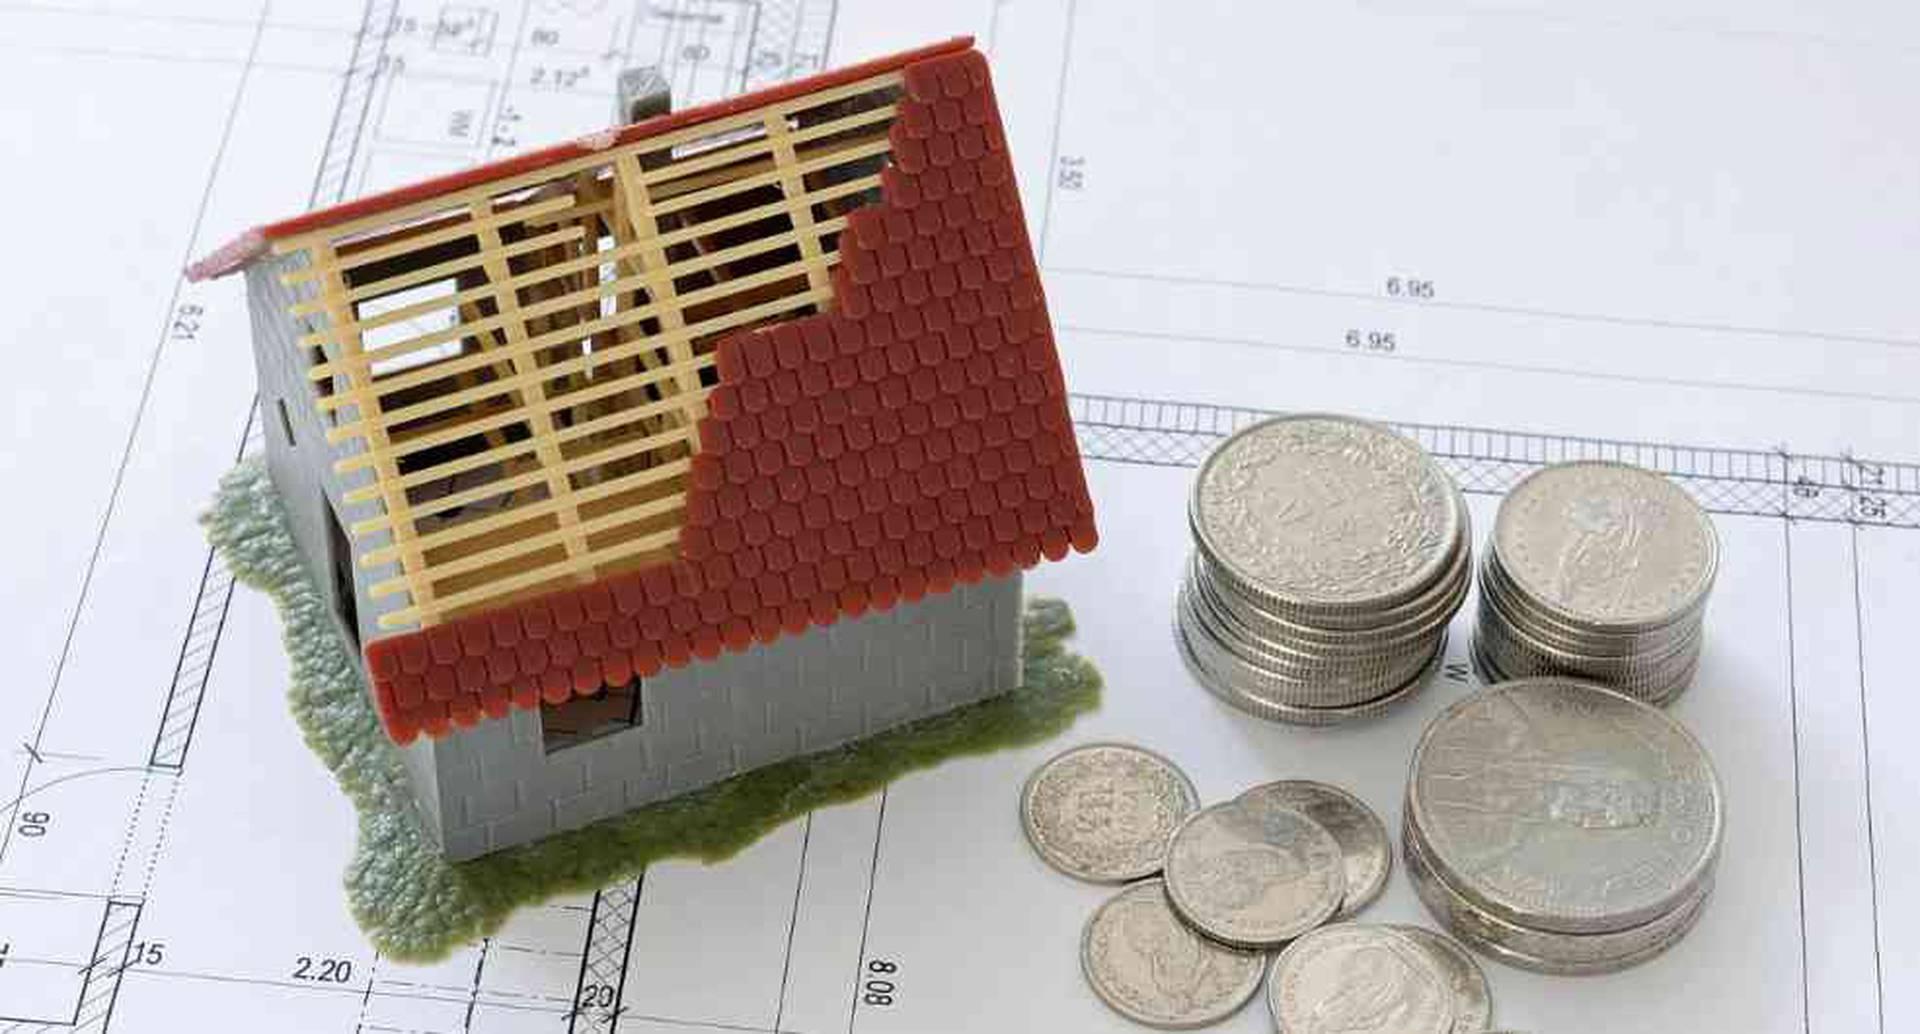 El Gobierno aprobó y garantizó $10,4 billones para los programas de vivienda hasta 2025.